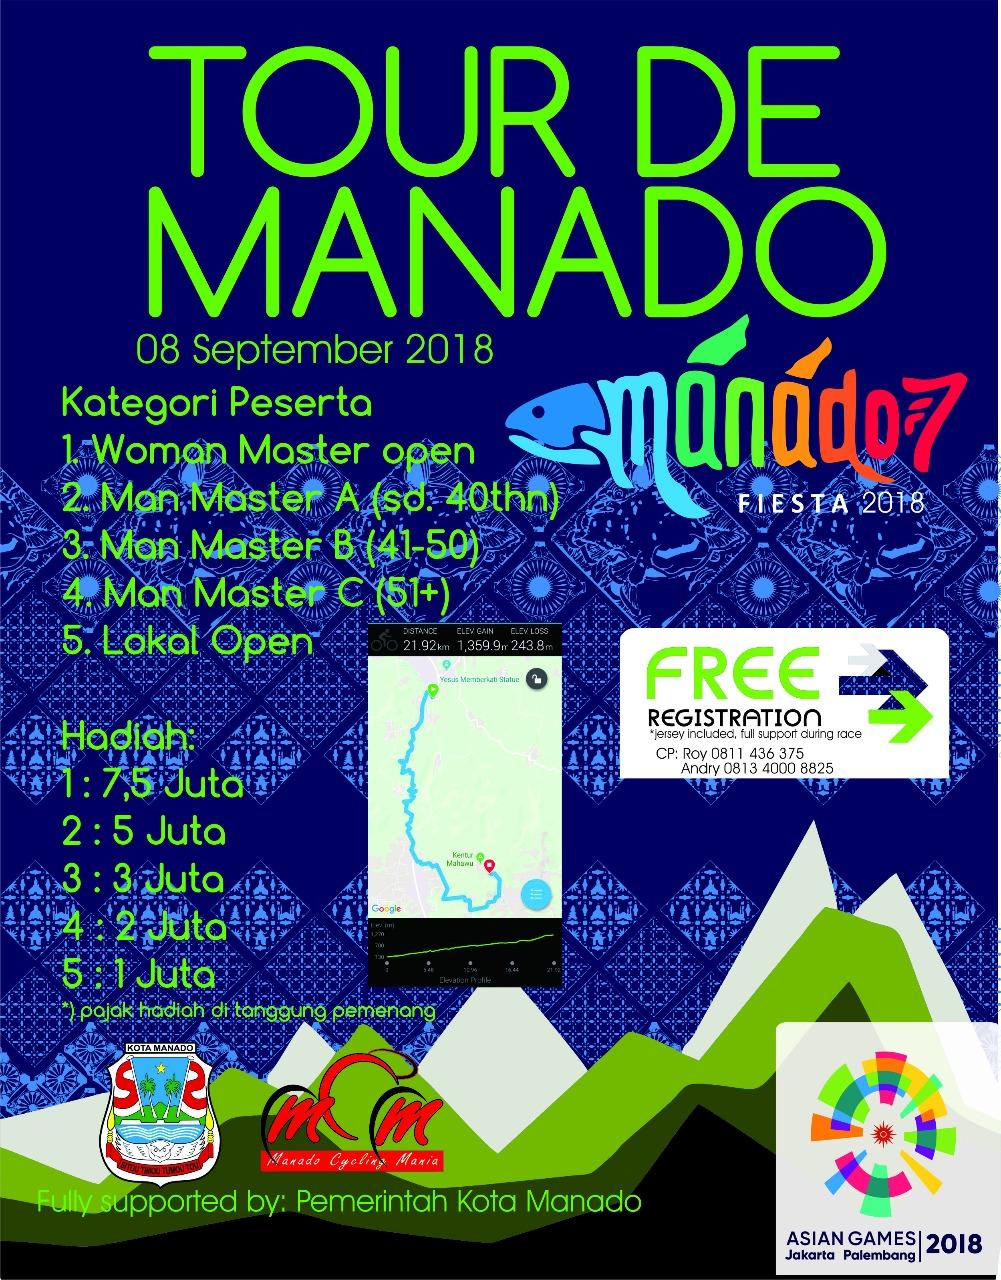 Daftar Peserta Sementara Tour de Manado 2018